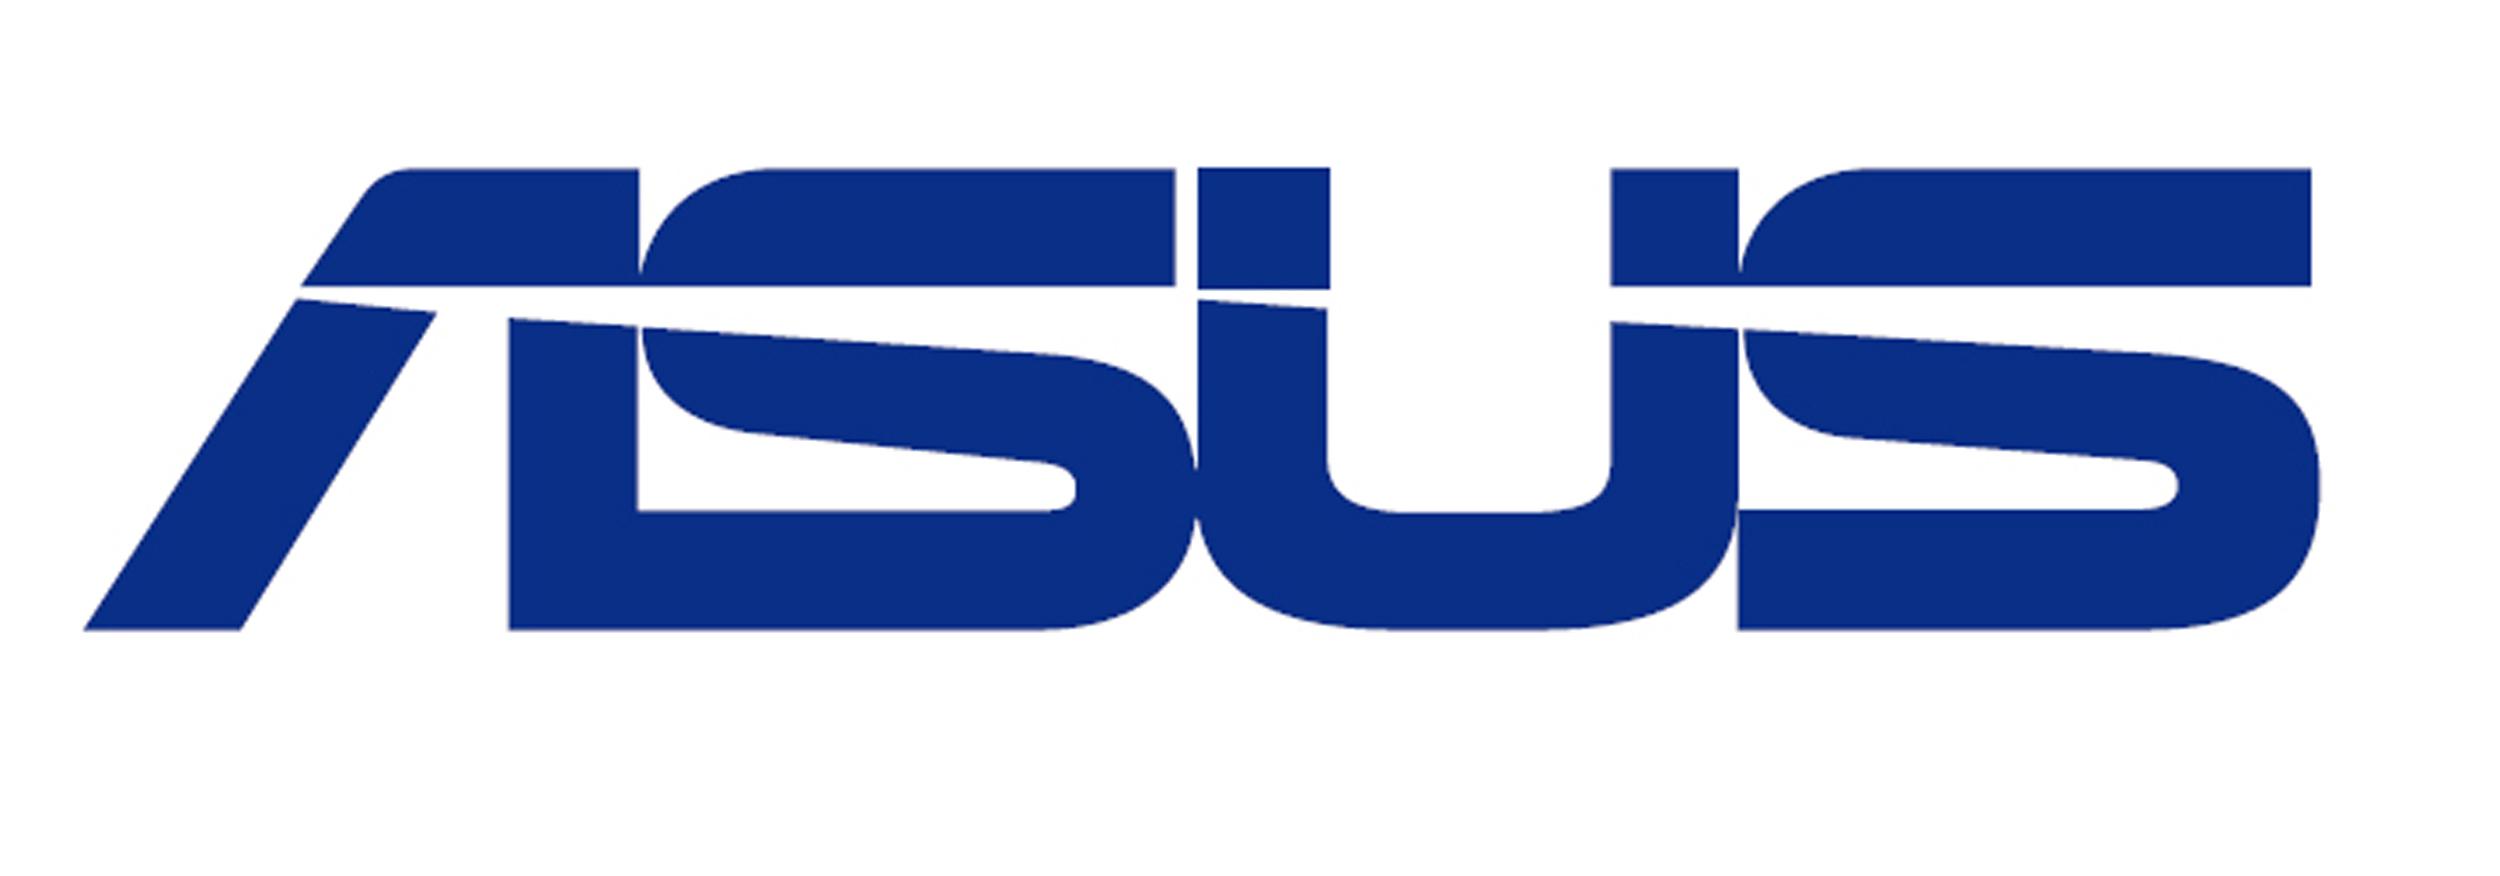 Comment contacter le service après-vente et assistance Asus ?